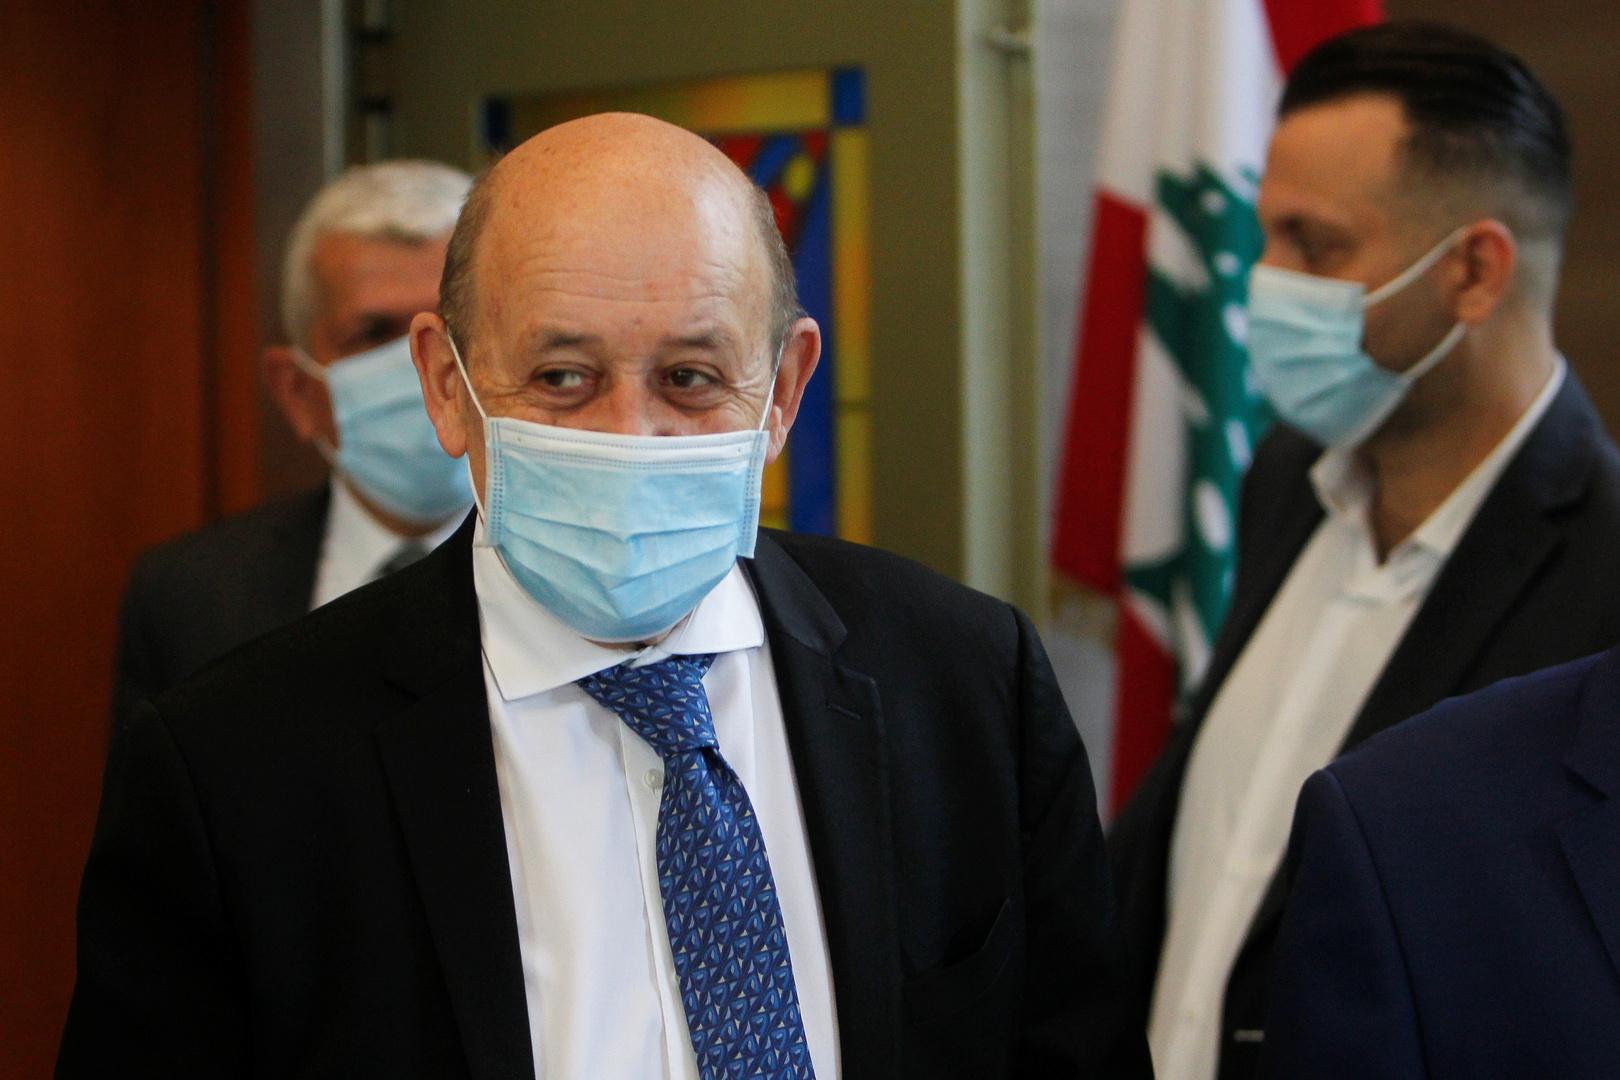 لودريان: القادة اللبنانيون لم يلتزموا بتعهداتهم وسنجيش المجتمع الدولي